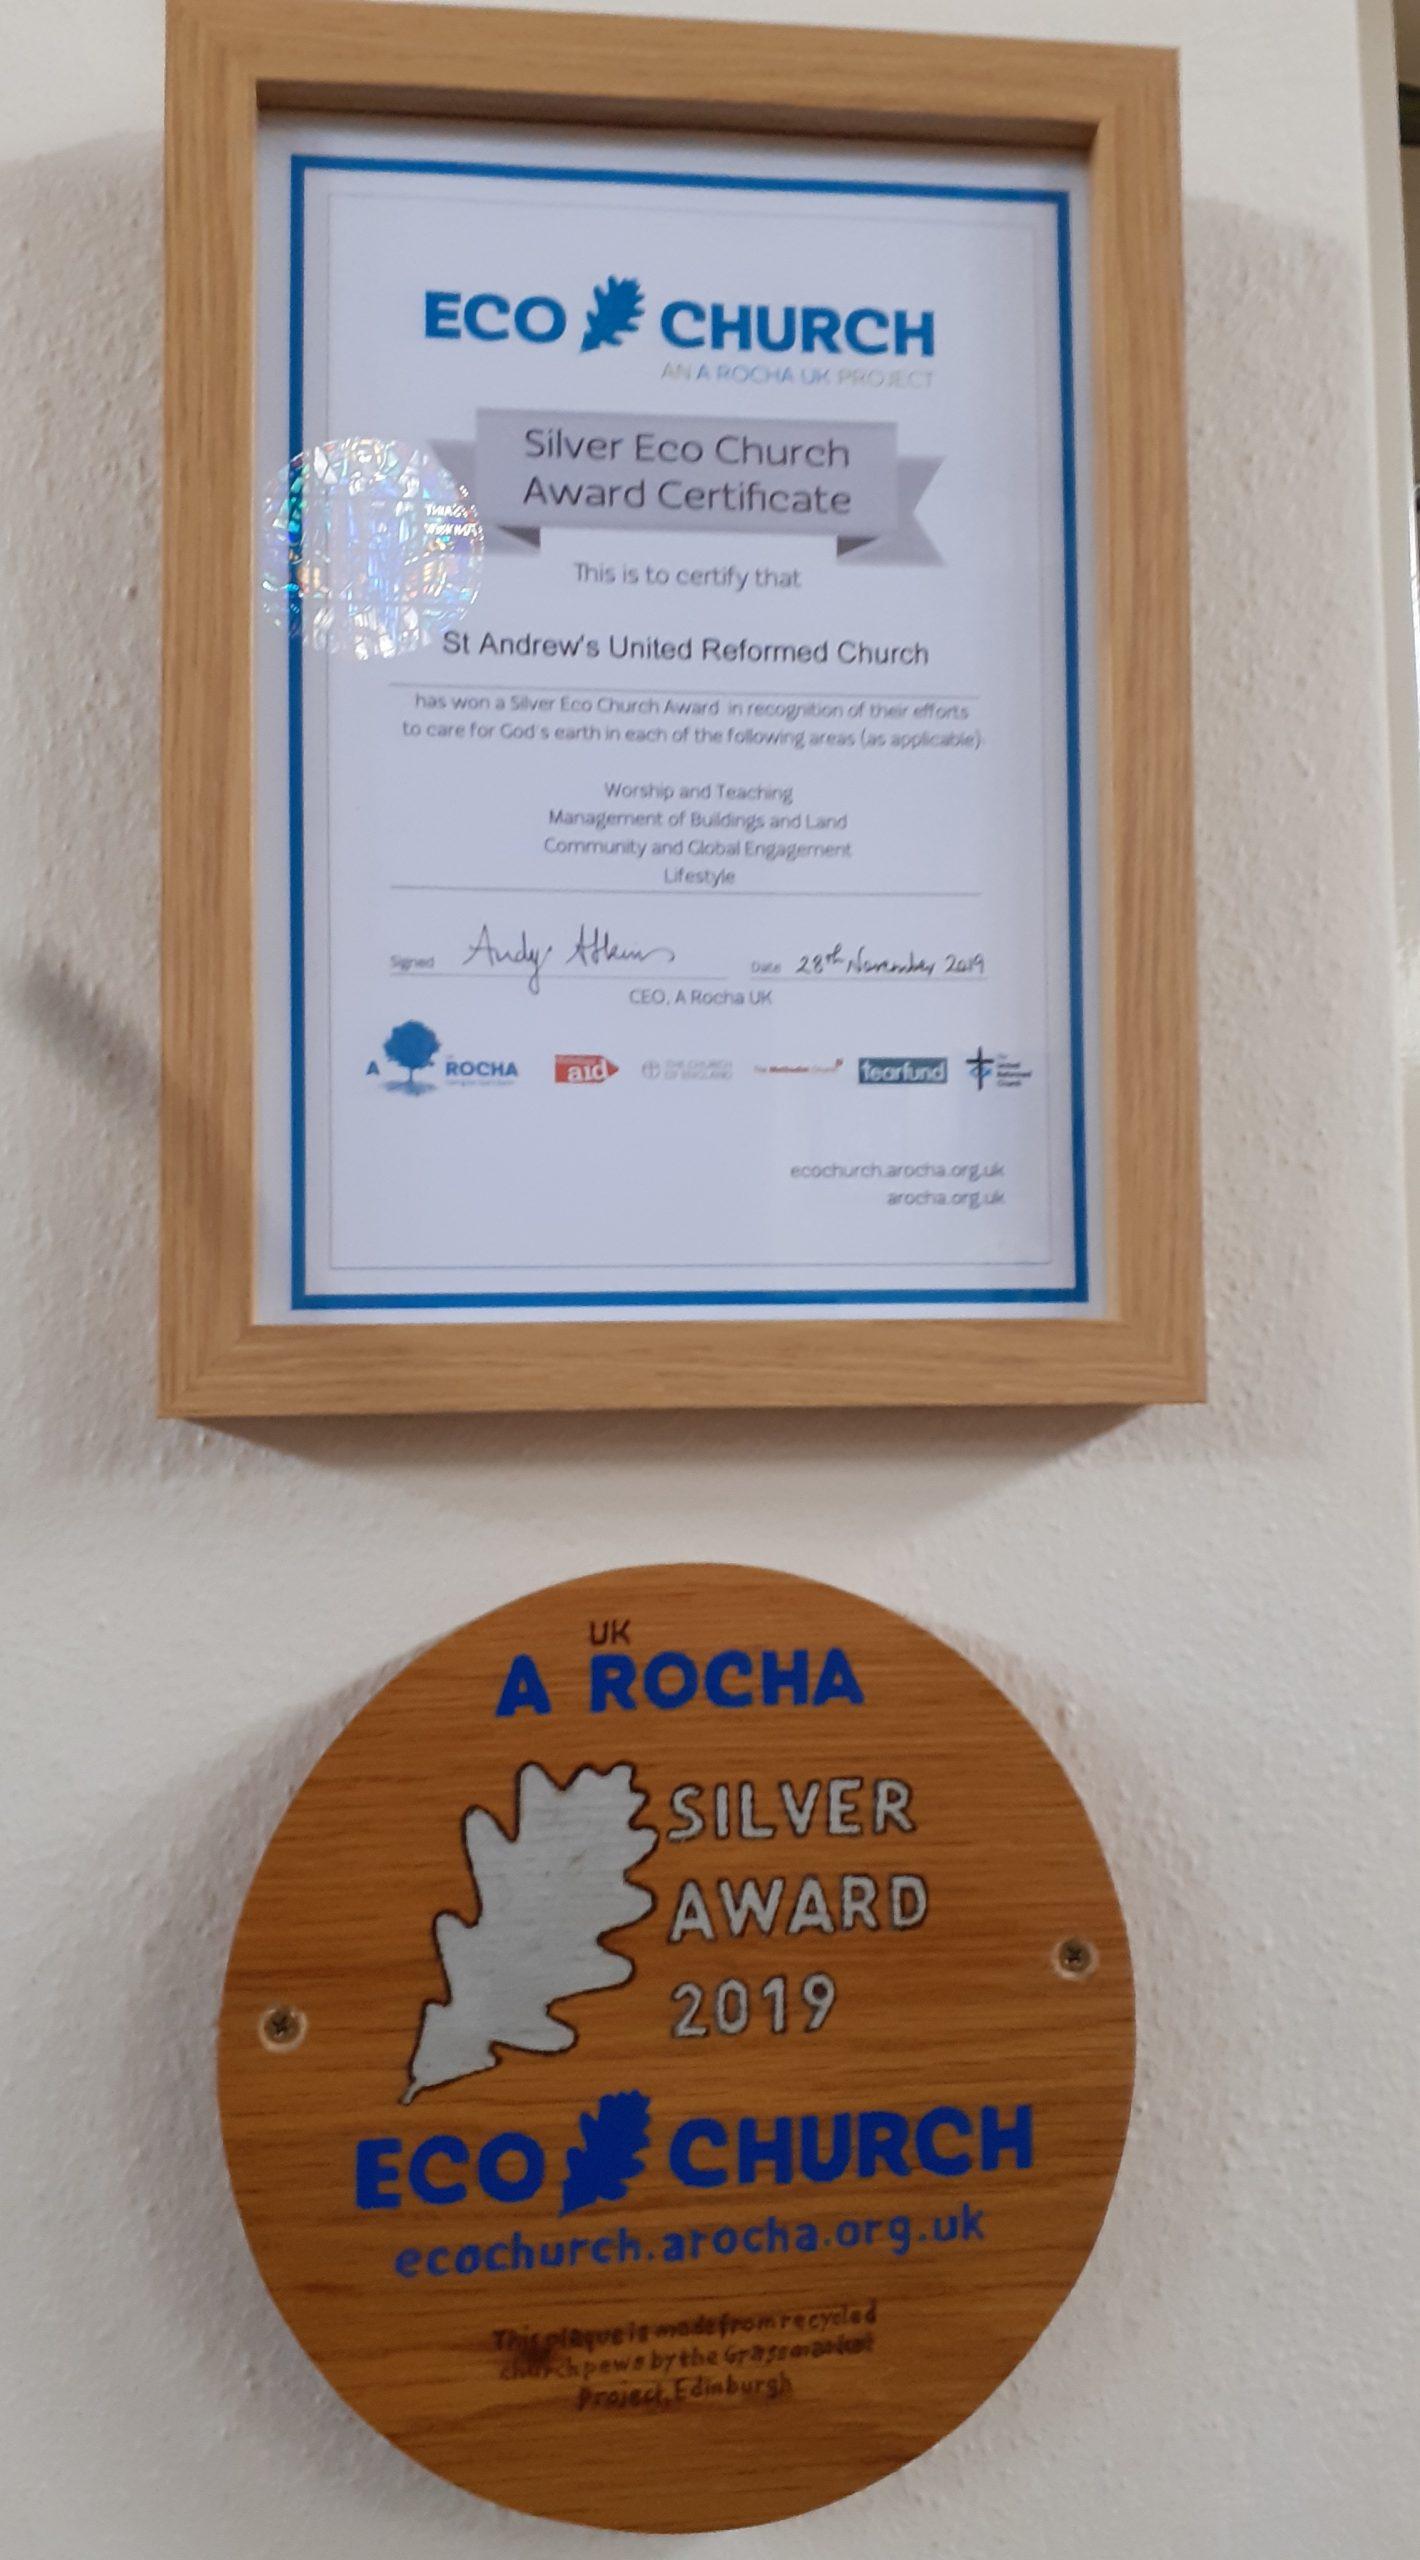 Eco-Church Silver Award plaque